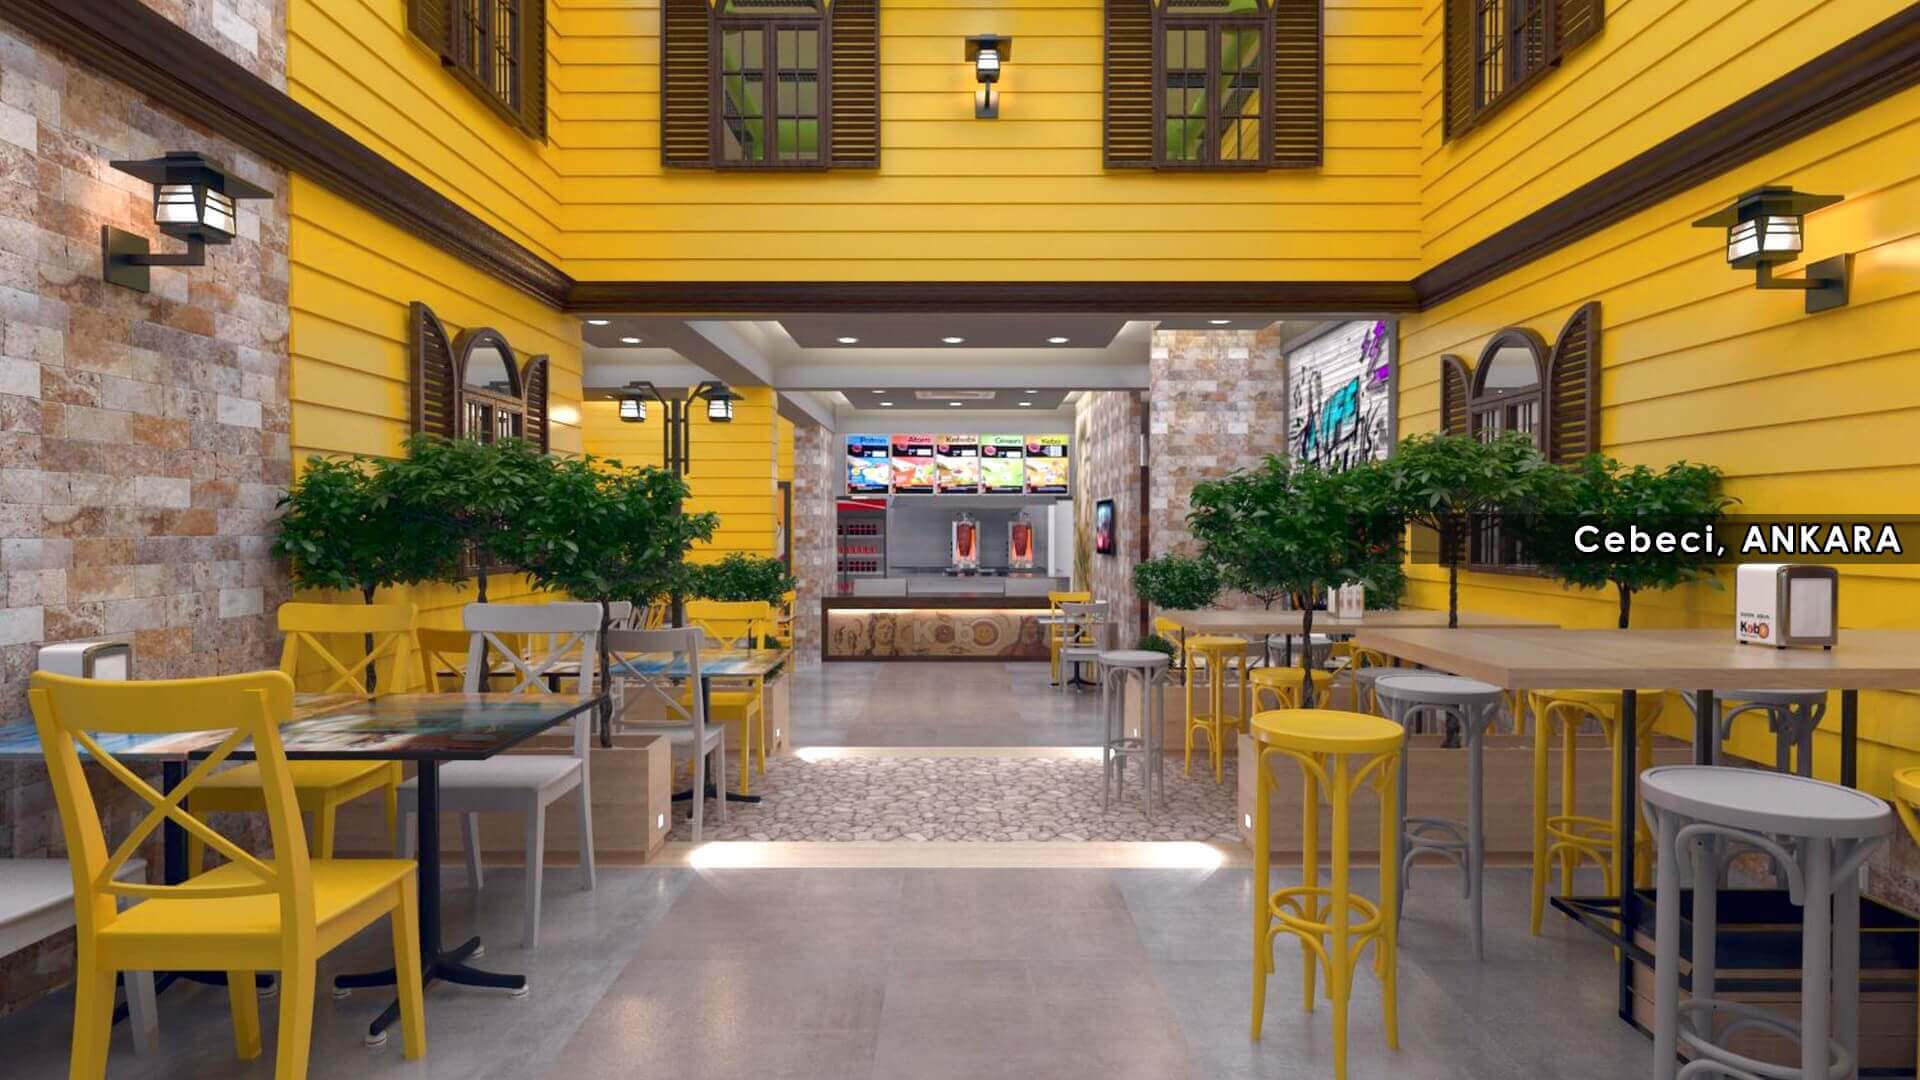 Türkiye Geneli 2129 Kebo 2018 Restaurants